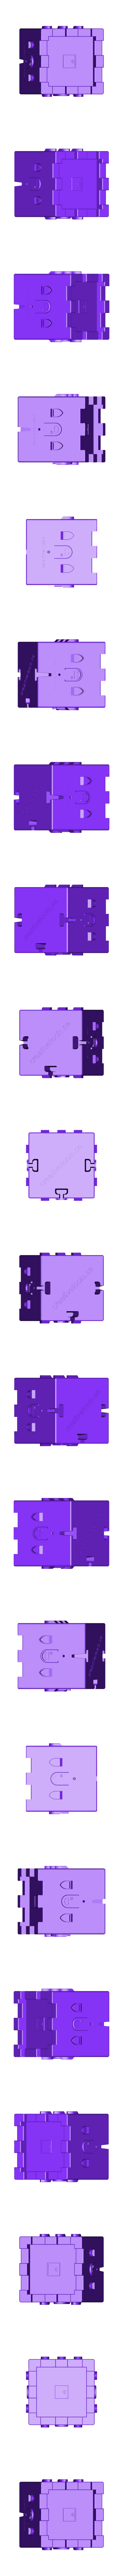 Tower_T_Closed_(Modular Castle Playset - 3D-printable)_By_CreativeTools.se.stl Télécharger fichier STL gratuit Plateau modulaire de château (imprimable en 3D) • Modèle à imprimer en 3D, CreativeTools